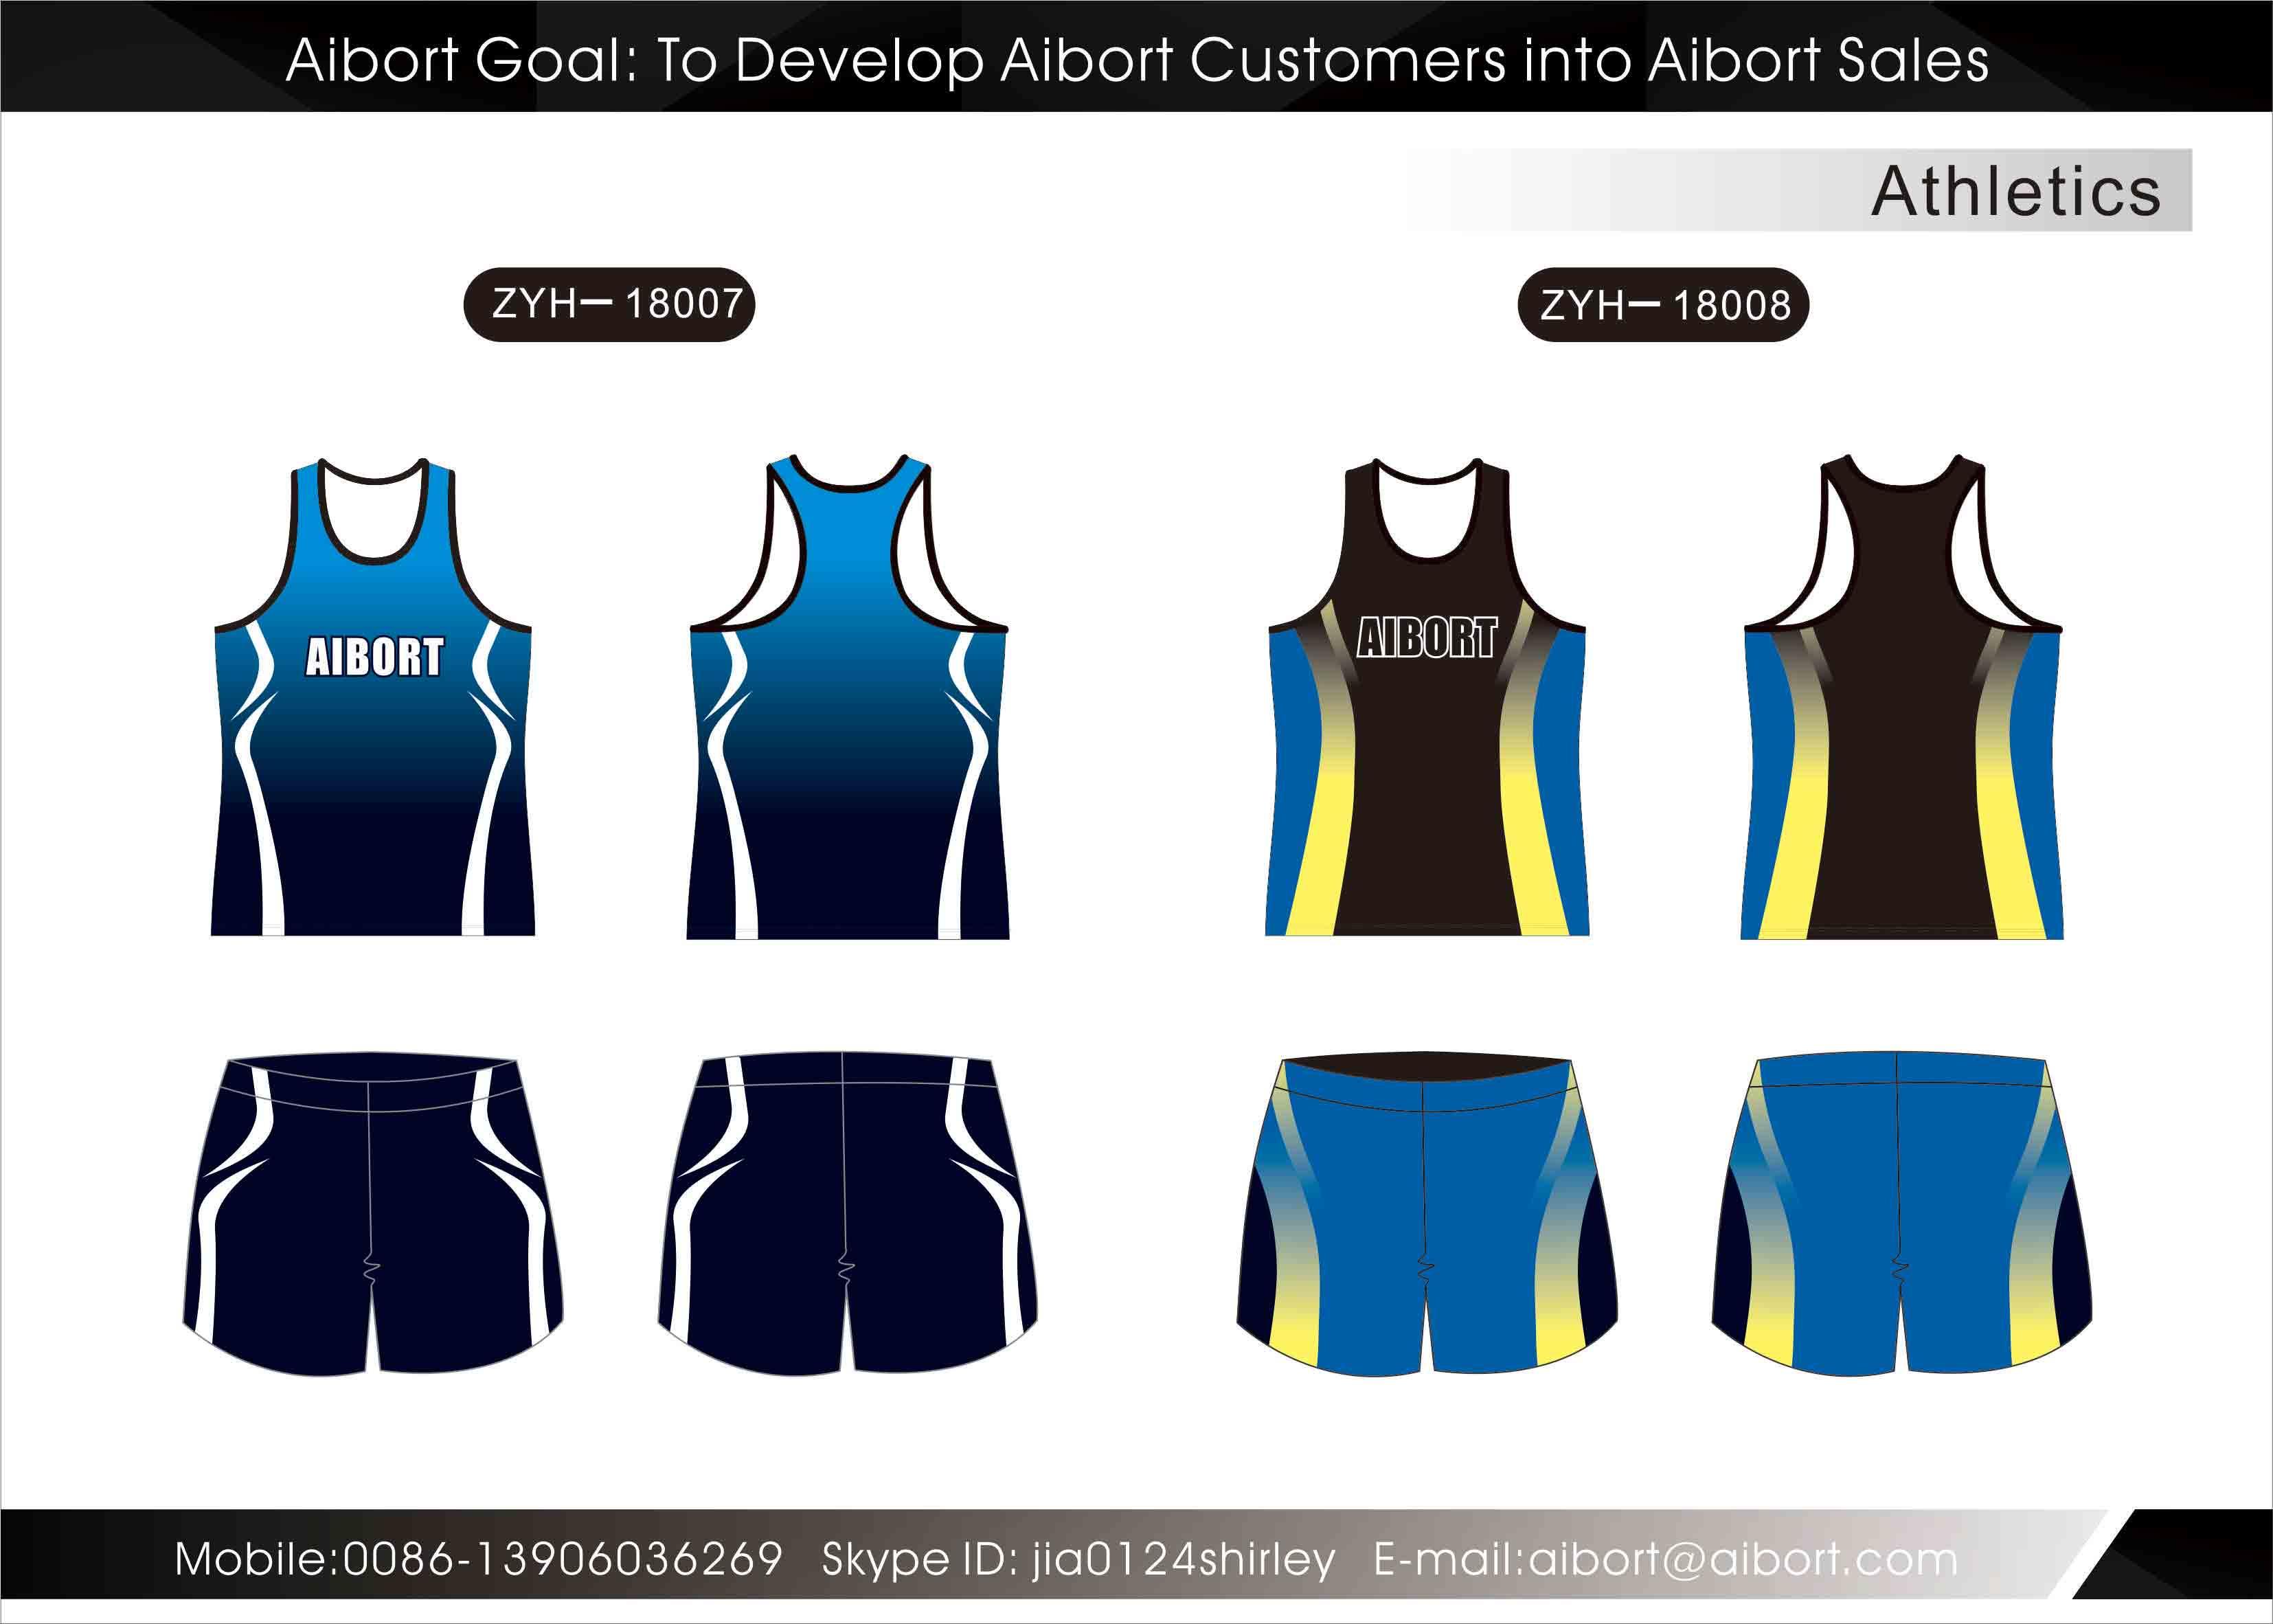 c9ea881b4b mejor runkit de ropa para correr sublimado con pantalones cortos para correr